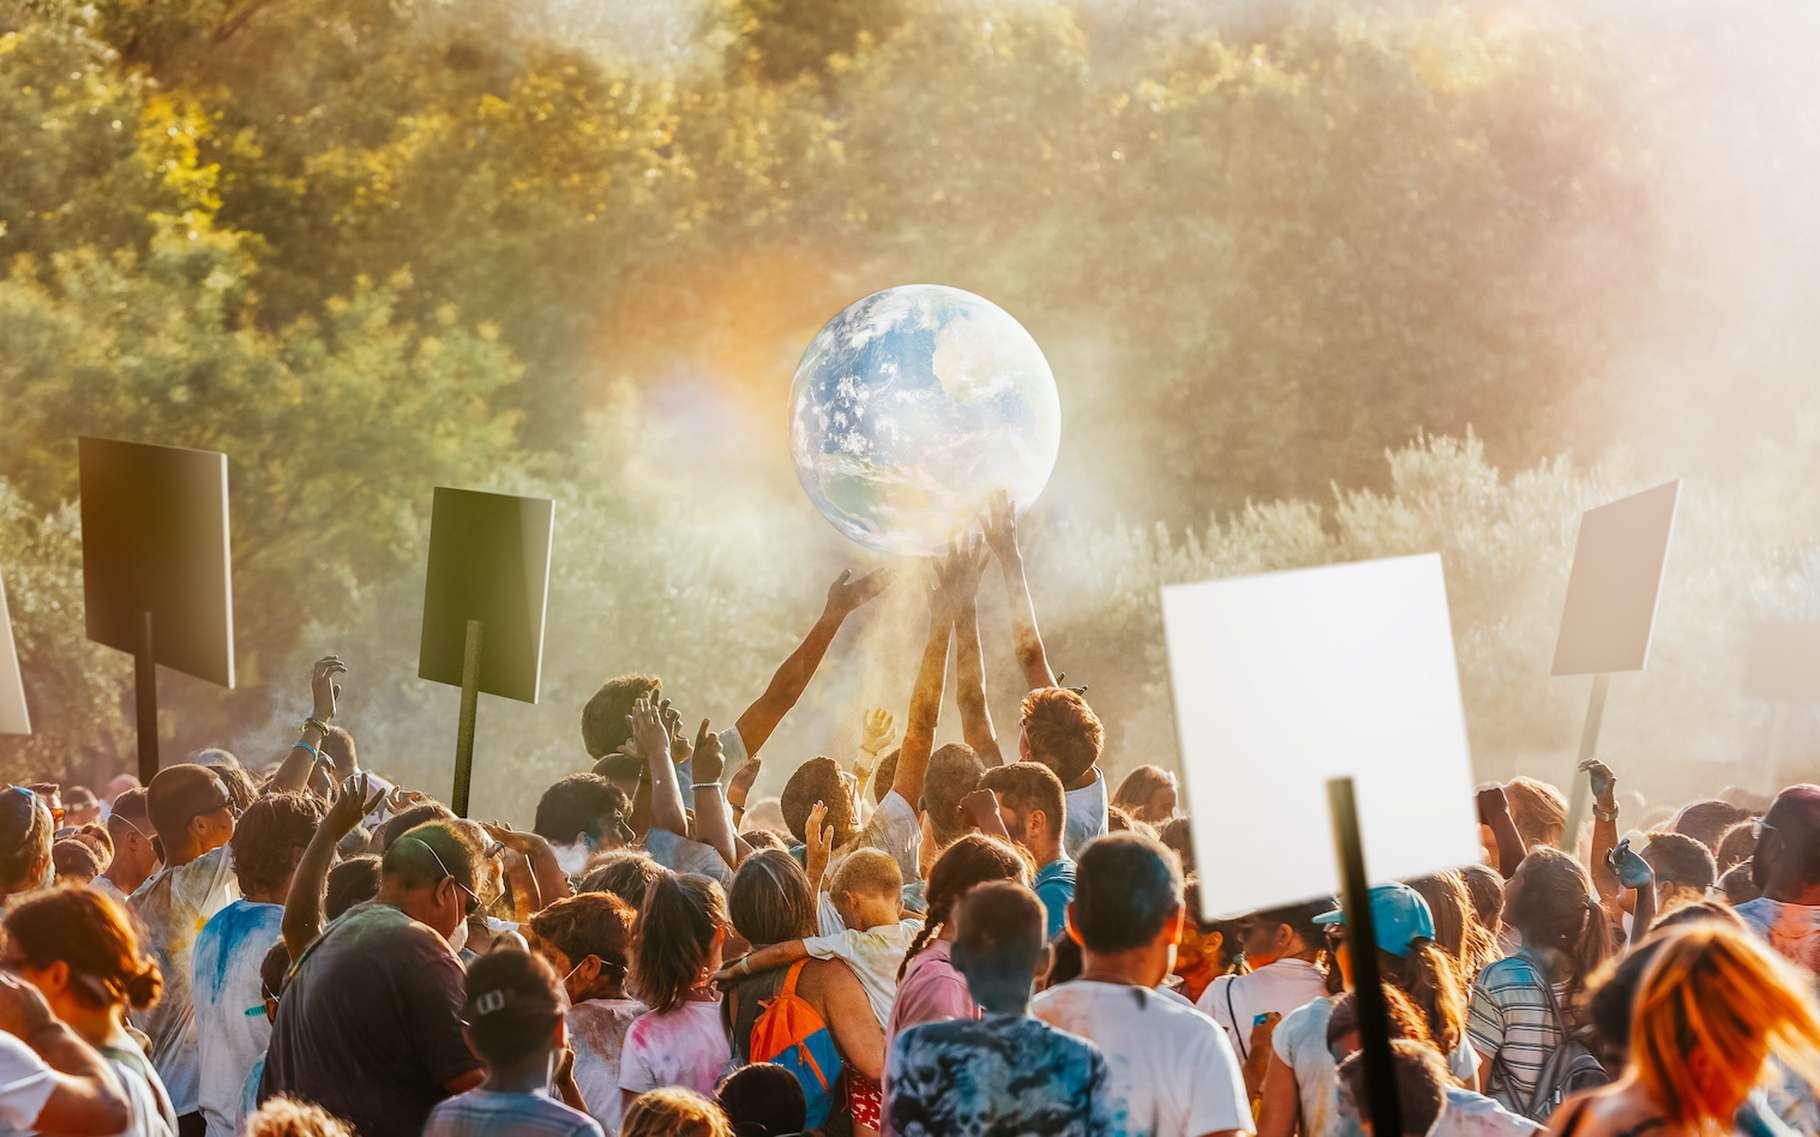 En exigeant une production d'électricité plus verte ou des biens et des services plus durables ou encore en éduquant nos enfants à la responsabilité environnementale, nous avons tous un rôle à jouer pour limiter le réchauffement climatique. © OSORIOartist, Adobe Stock